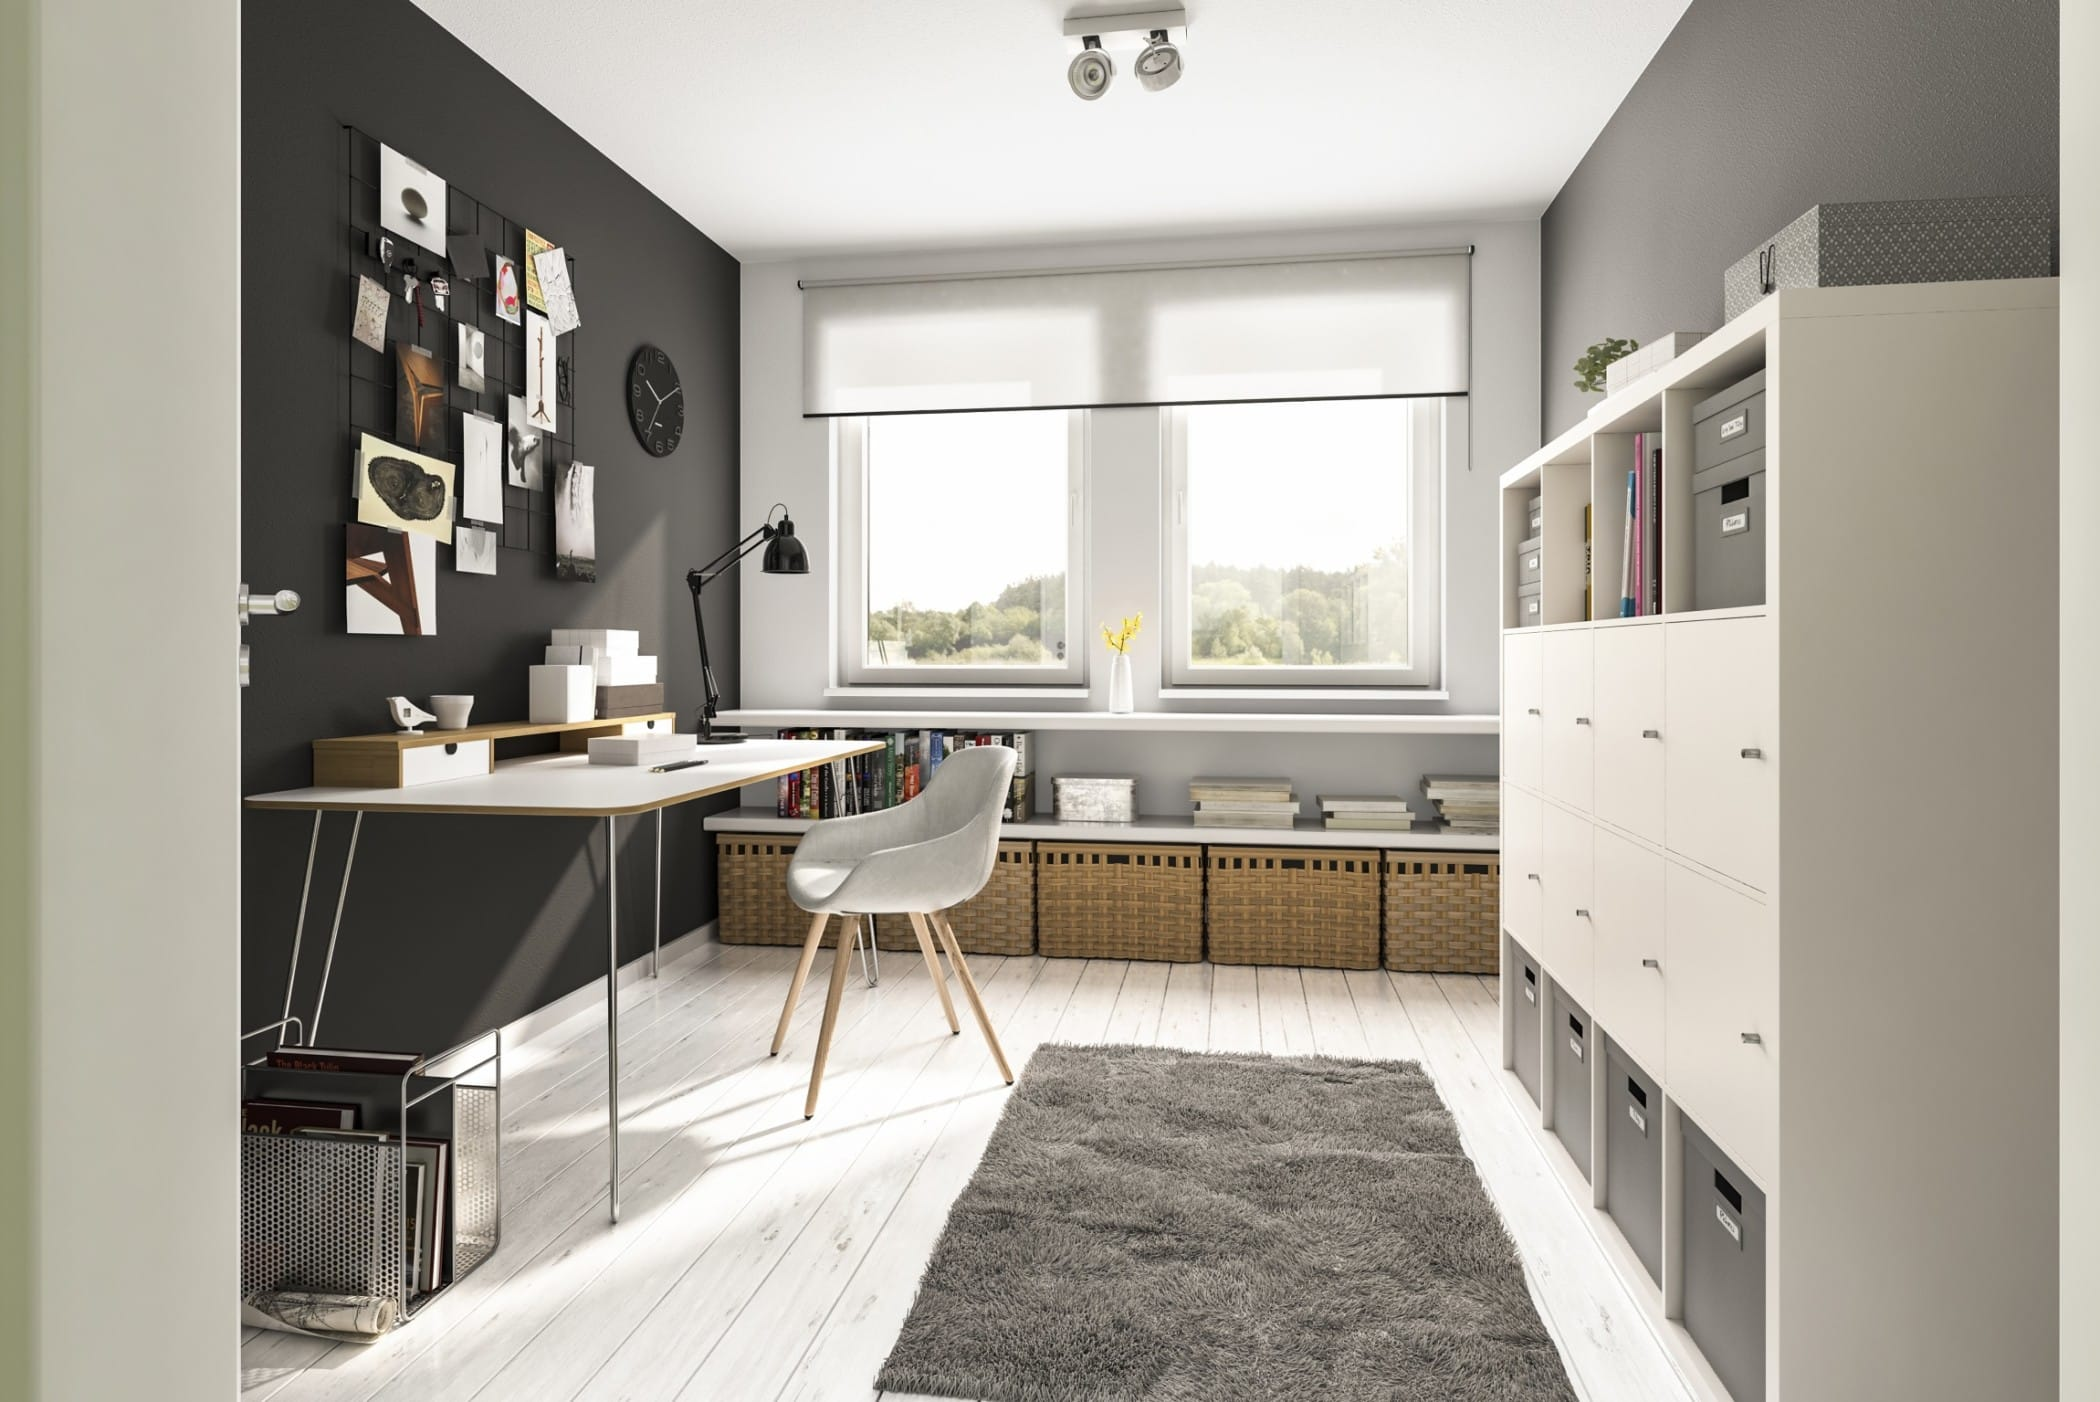 Arbeitszimmer modern Wandfarbe grau & Möbel weiß - Inneneinrichtung Ideen Einfamilienhaus Flair 134 von Town Country Haus - HausbauDirekt.de